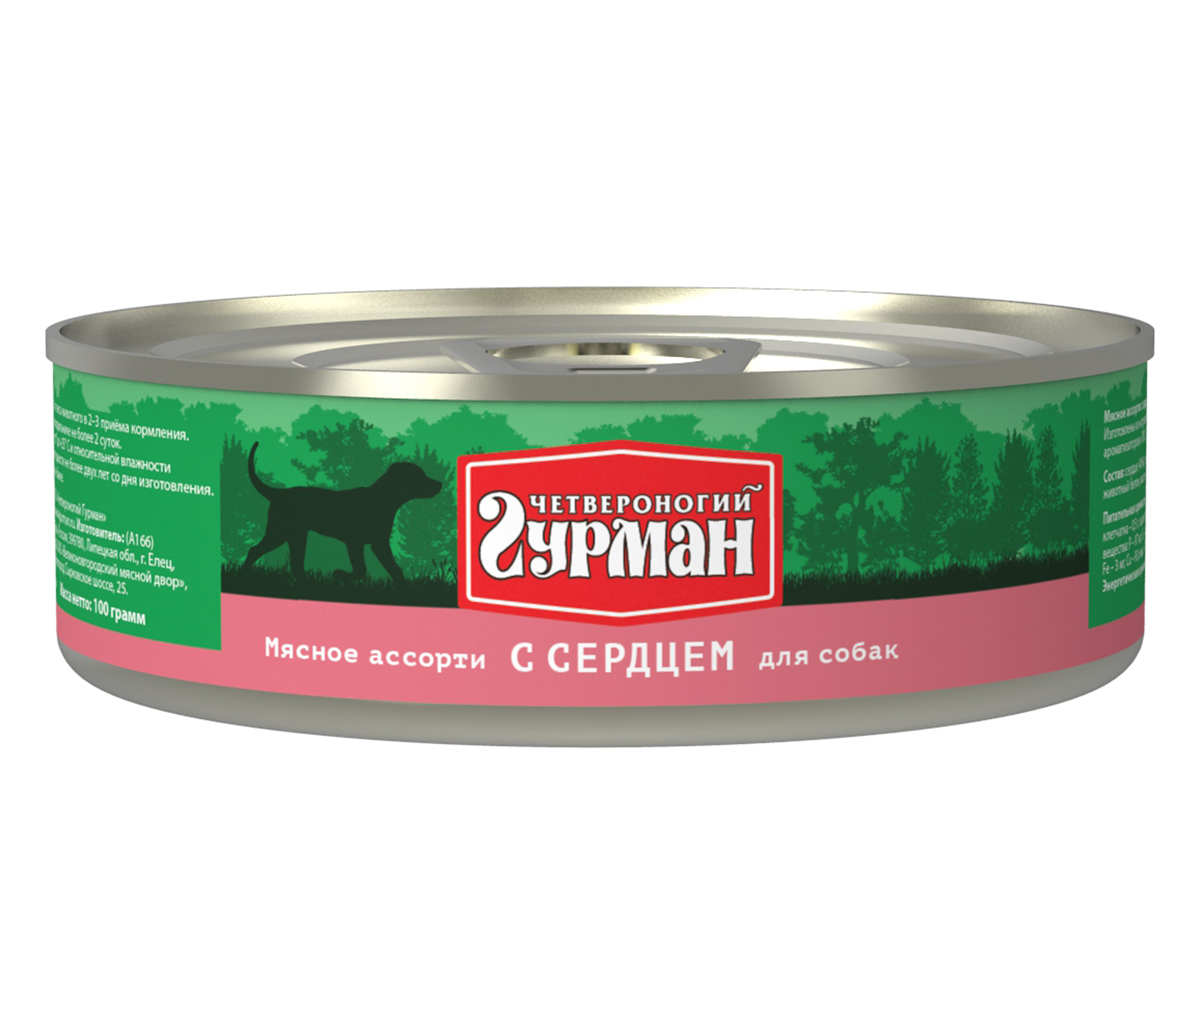 Консервы для собак Четвероногий гурман Мясное ассорти, с сердцем, 100 г. 103101010103101010Консервы для собак Четвероногий гурман Мясное ассорти - это влажный мясной корм суперпремиум класса, состоящий из разных сортов мяса и качественных субпродуктов. Корм не содержит синтетических витаминно-минеральных комплексов, злаков, бобовых и овощей. Никаких искусственных компонентов в составе: только натуральное, экологически чистое мясо от проверенных поставщиков. По консистенции продукт представляет собой кусочки из фарша размером 3-15 мм. В состав входит коллаген. Его компоненты (хондроитин и глюкозамин) положительно воздействуют на суставы питомца. Состав: сердце (40%), рубец (28%), легкое, коллагенсодержащее сырье, животный белок, масло растительное, вода. Пищевая ценность (в 100 г продукта): протеин 10,3 г, жир 6 г, клетчатка 0,5 г, сырая зола 2 г, влага 80 г. Минеральные вещества: P 97 мг, Са 11,5 мг, Na 158,14 мг, Cl 218,3 мг, Mg 11 мг, Fe 3 мг, Cu 93,6 мкг, I 3,51 мкг. Витамины: А, E, В1, В2, B3, B5, B6. Энергетическая ценность (на 100 г): 95 ккал. Товар сертифицирован.